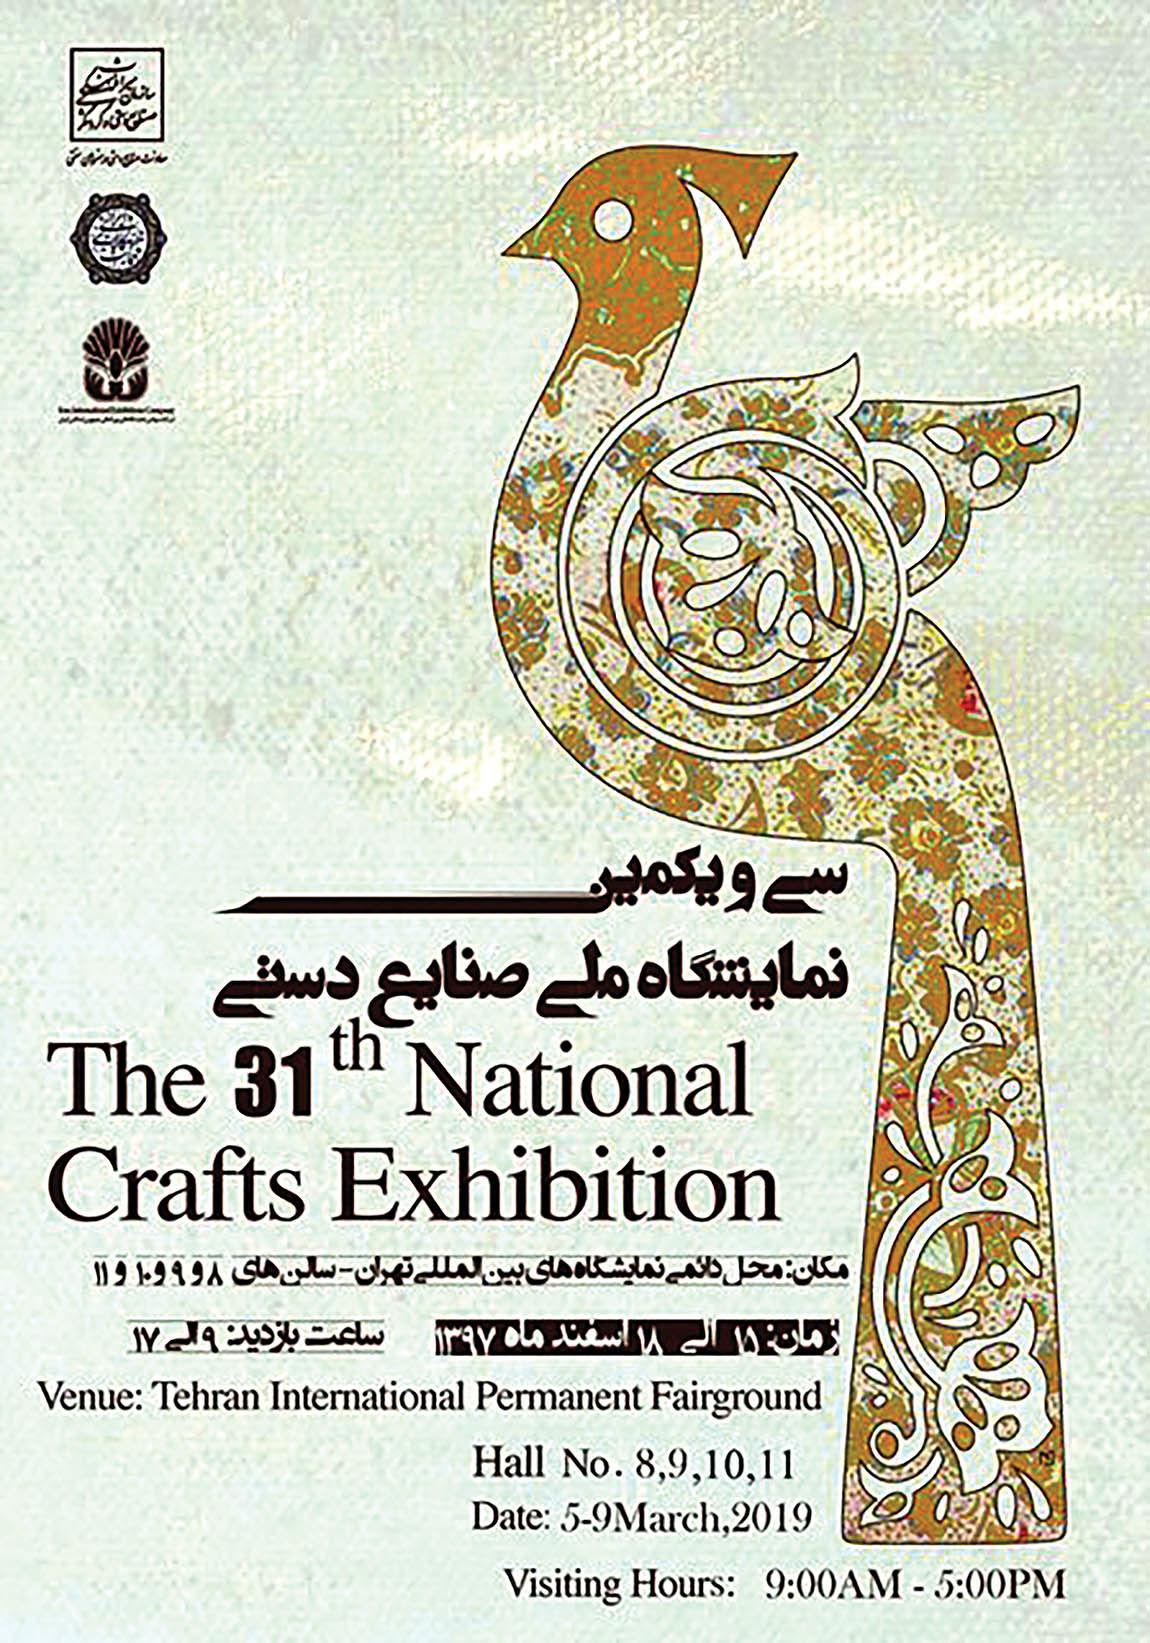 از نمایشگاه صنایعدستی، عیدی بخرید